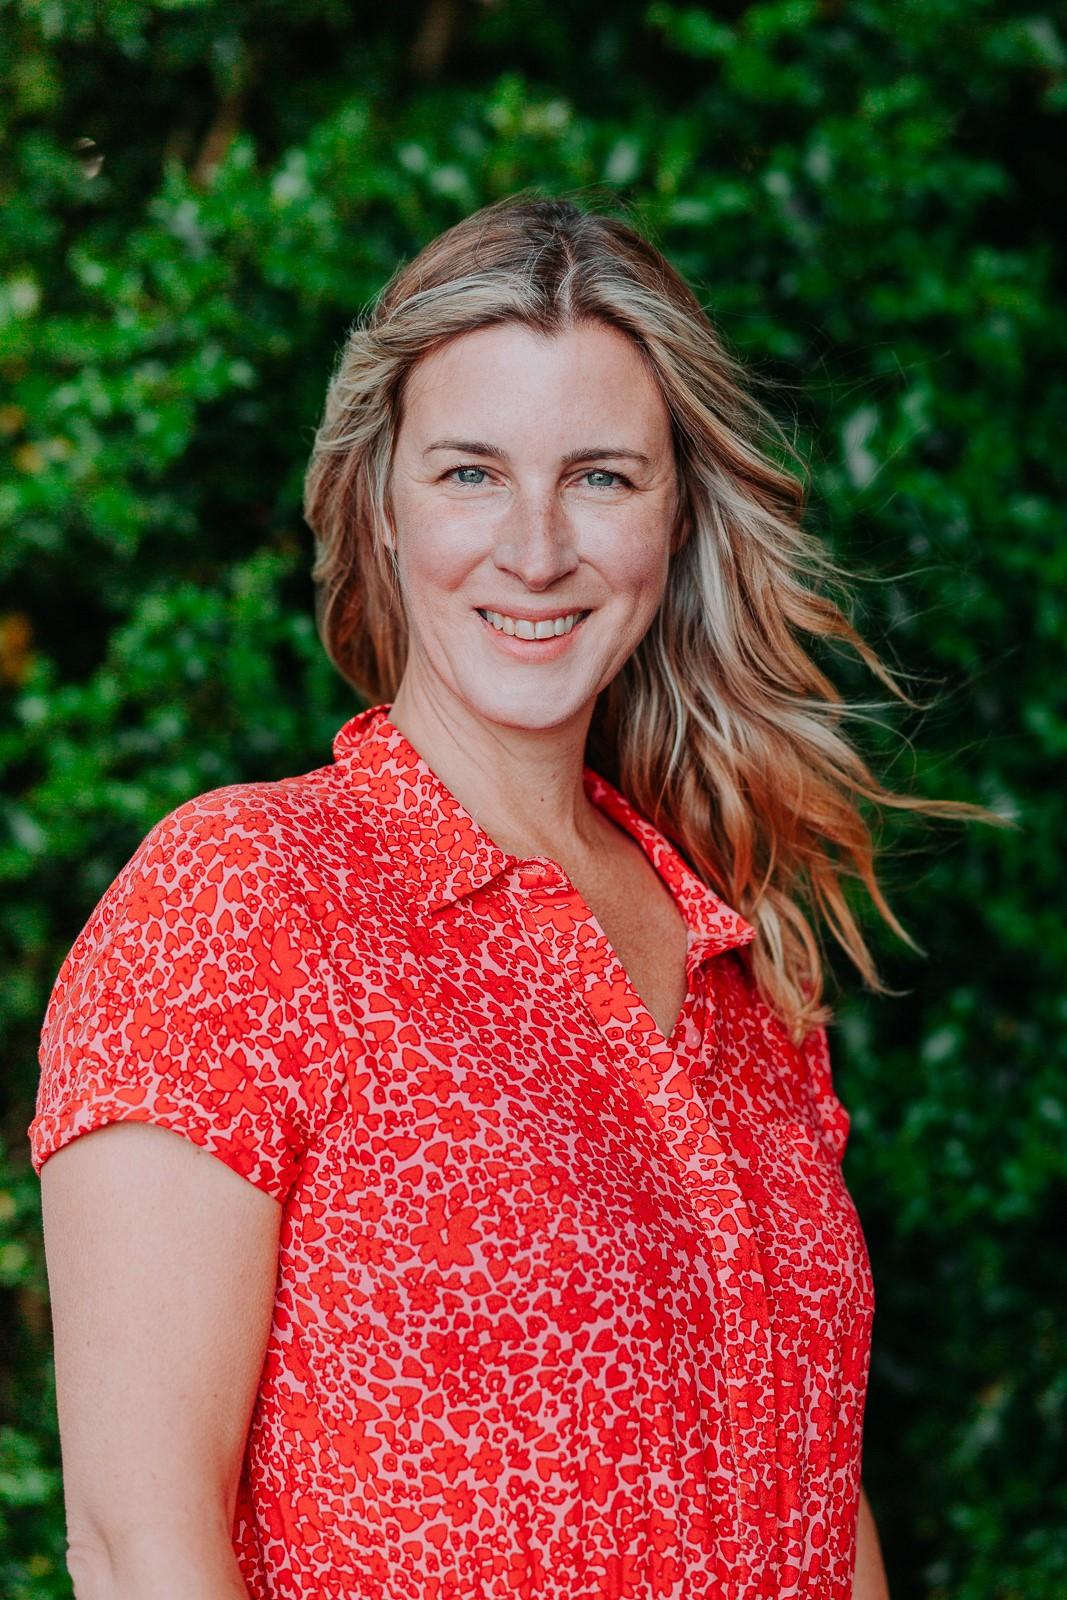 Jessica Ward